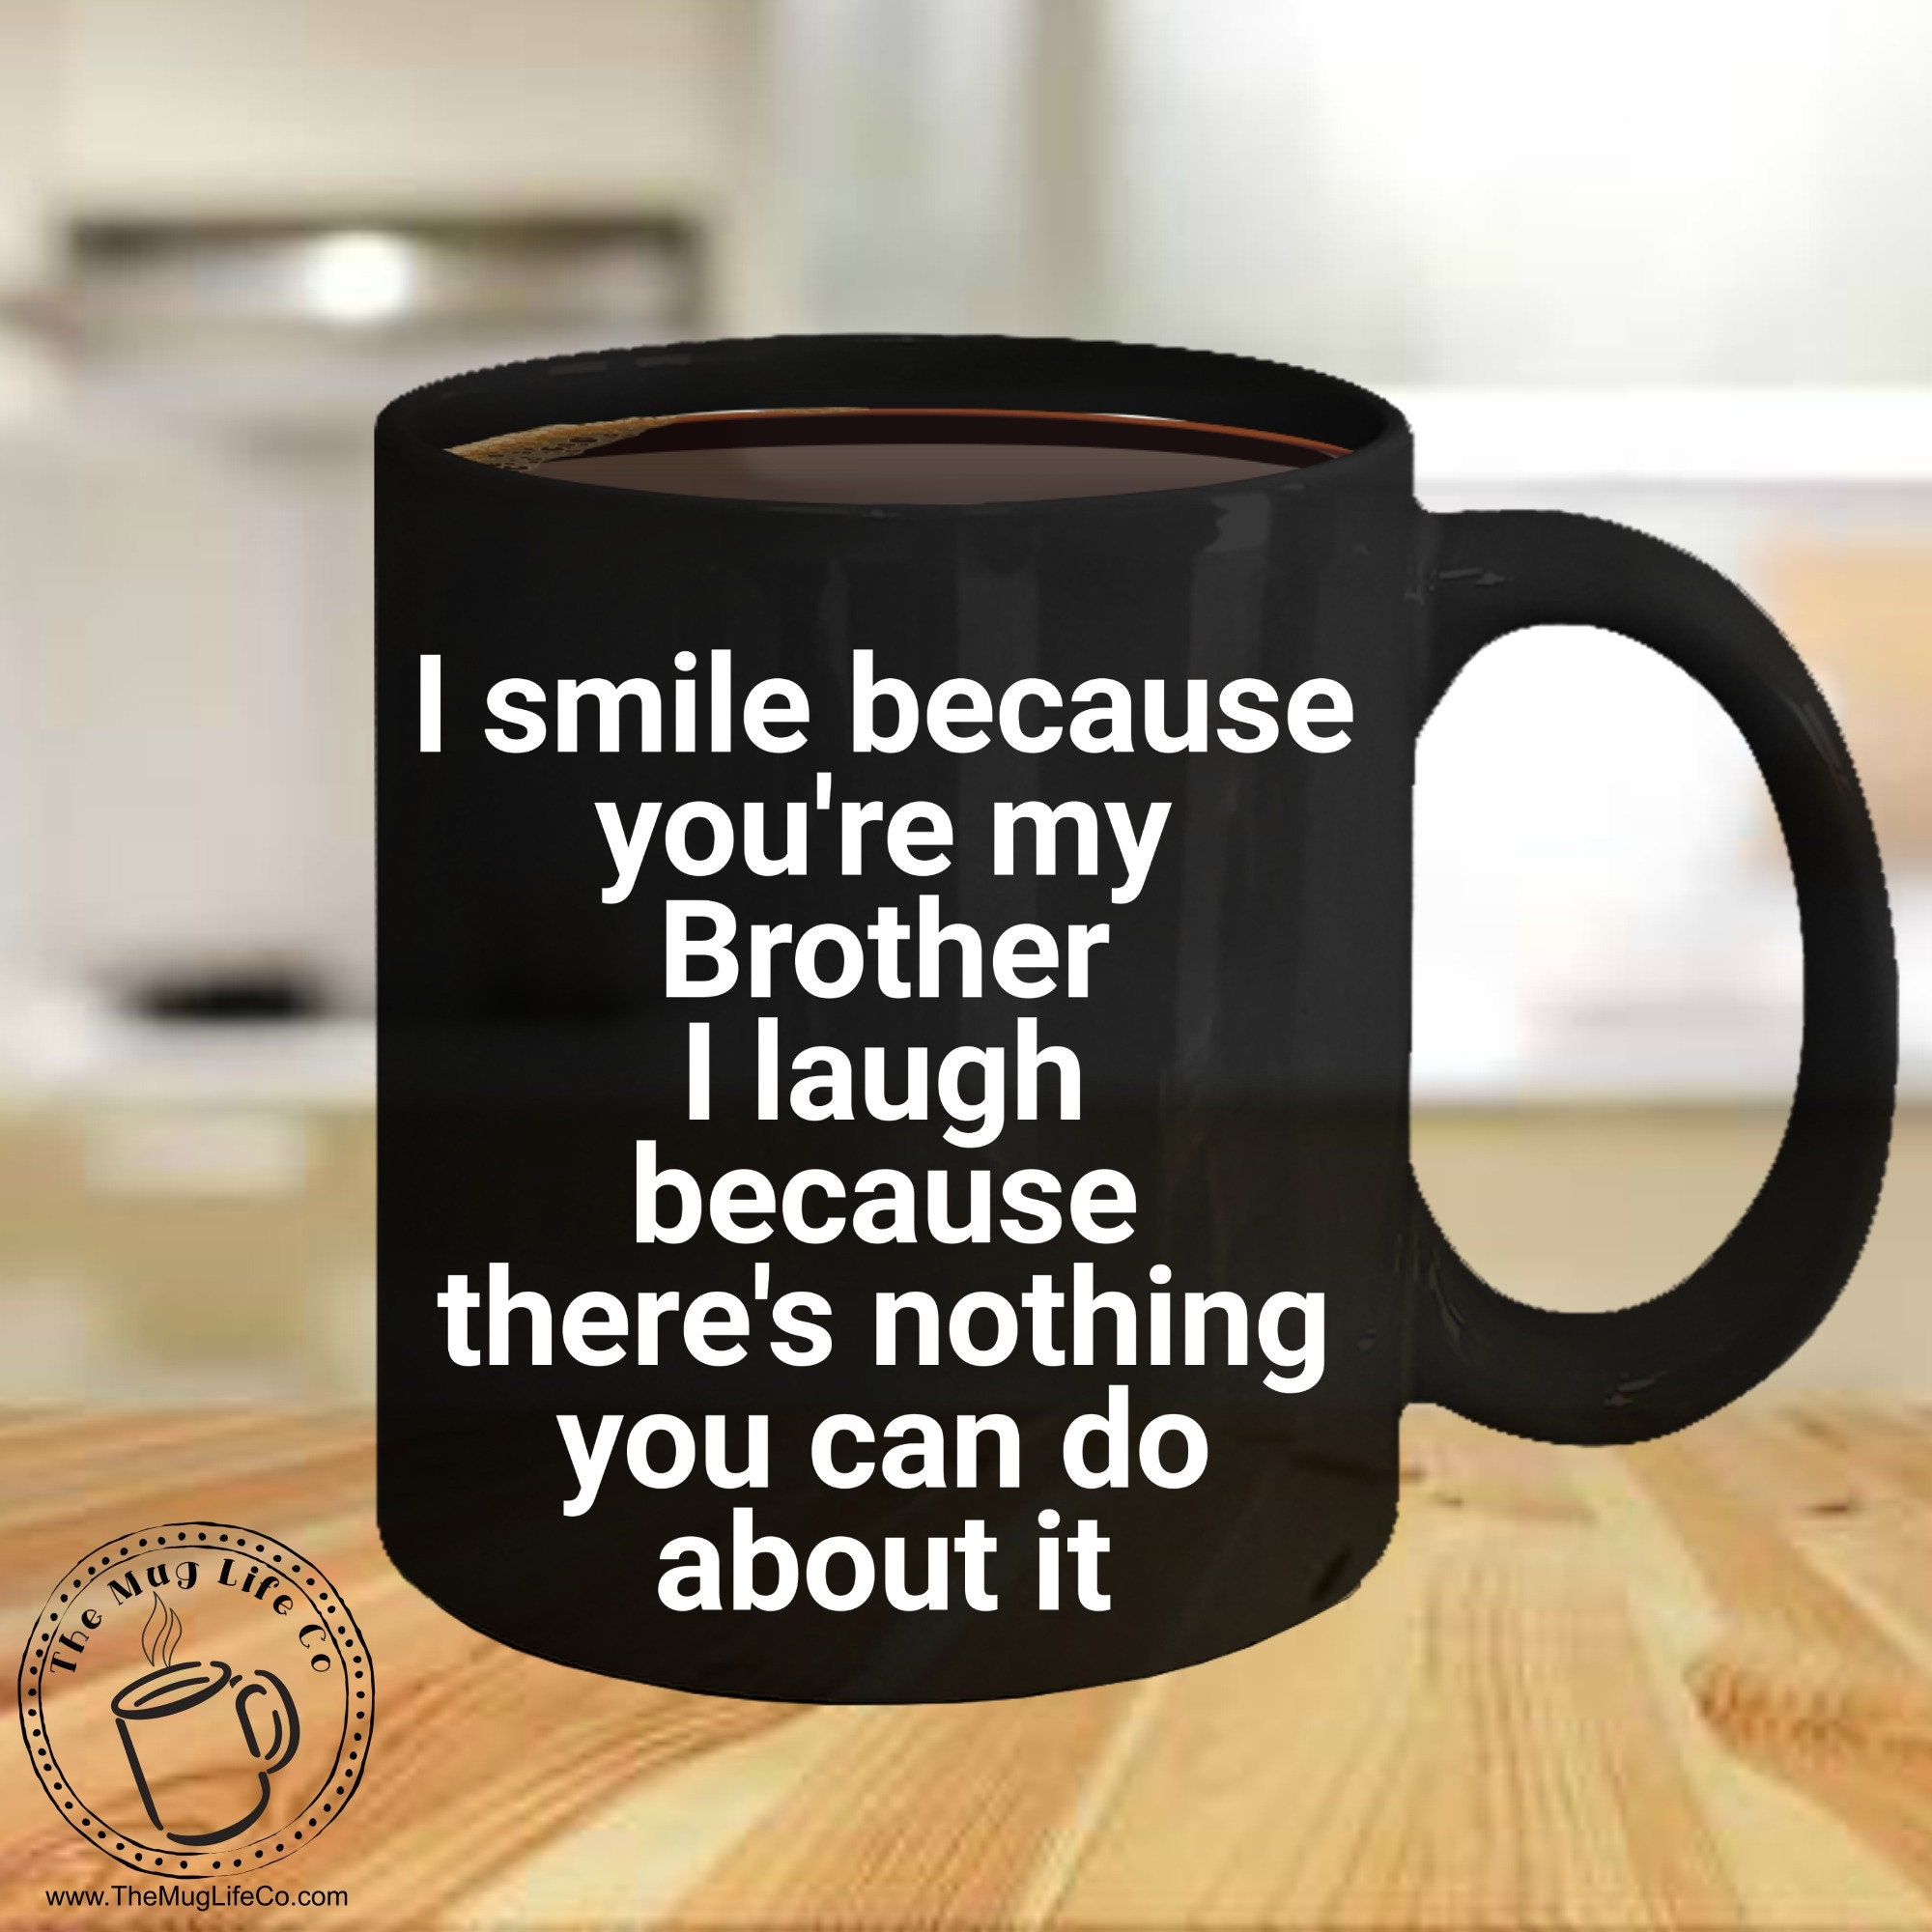 Negozio Di Sconti OnlineBig Brother Gifts For Men